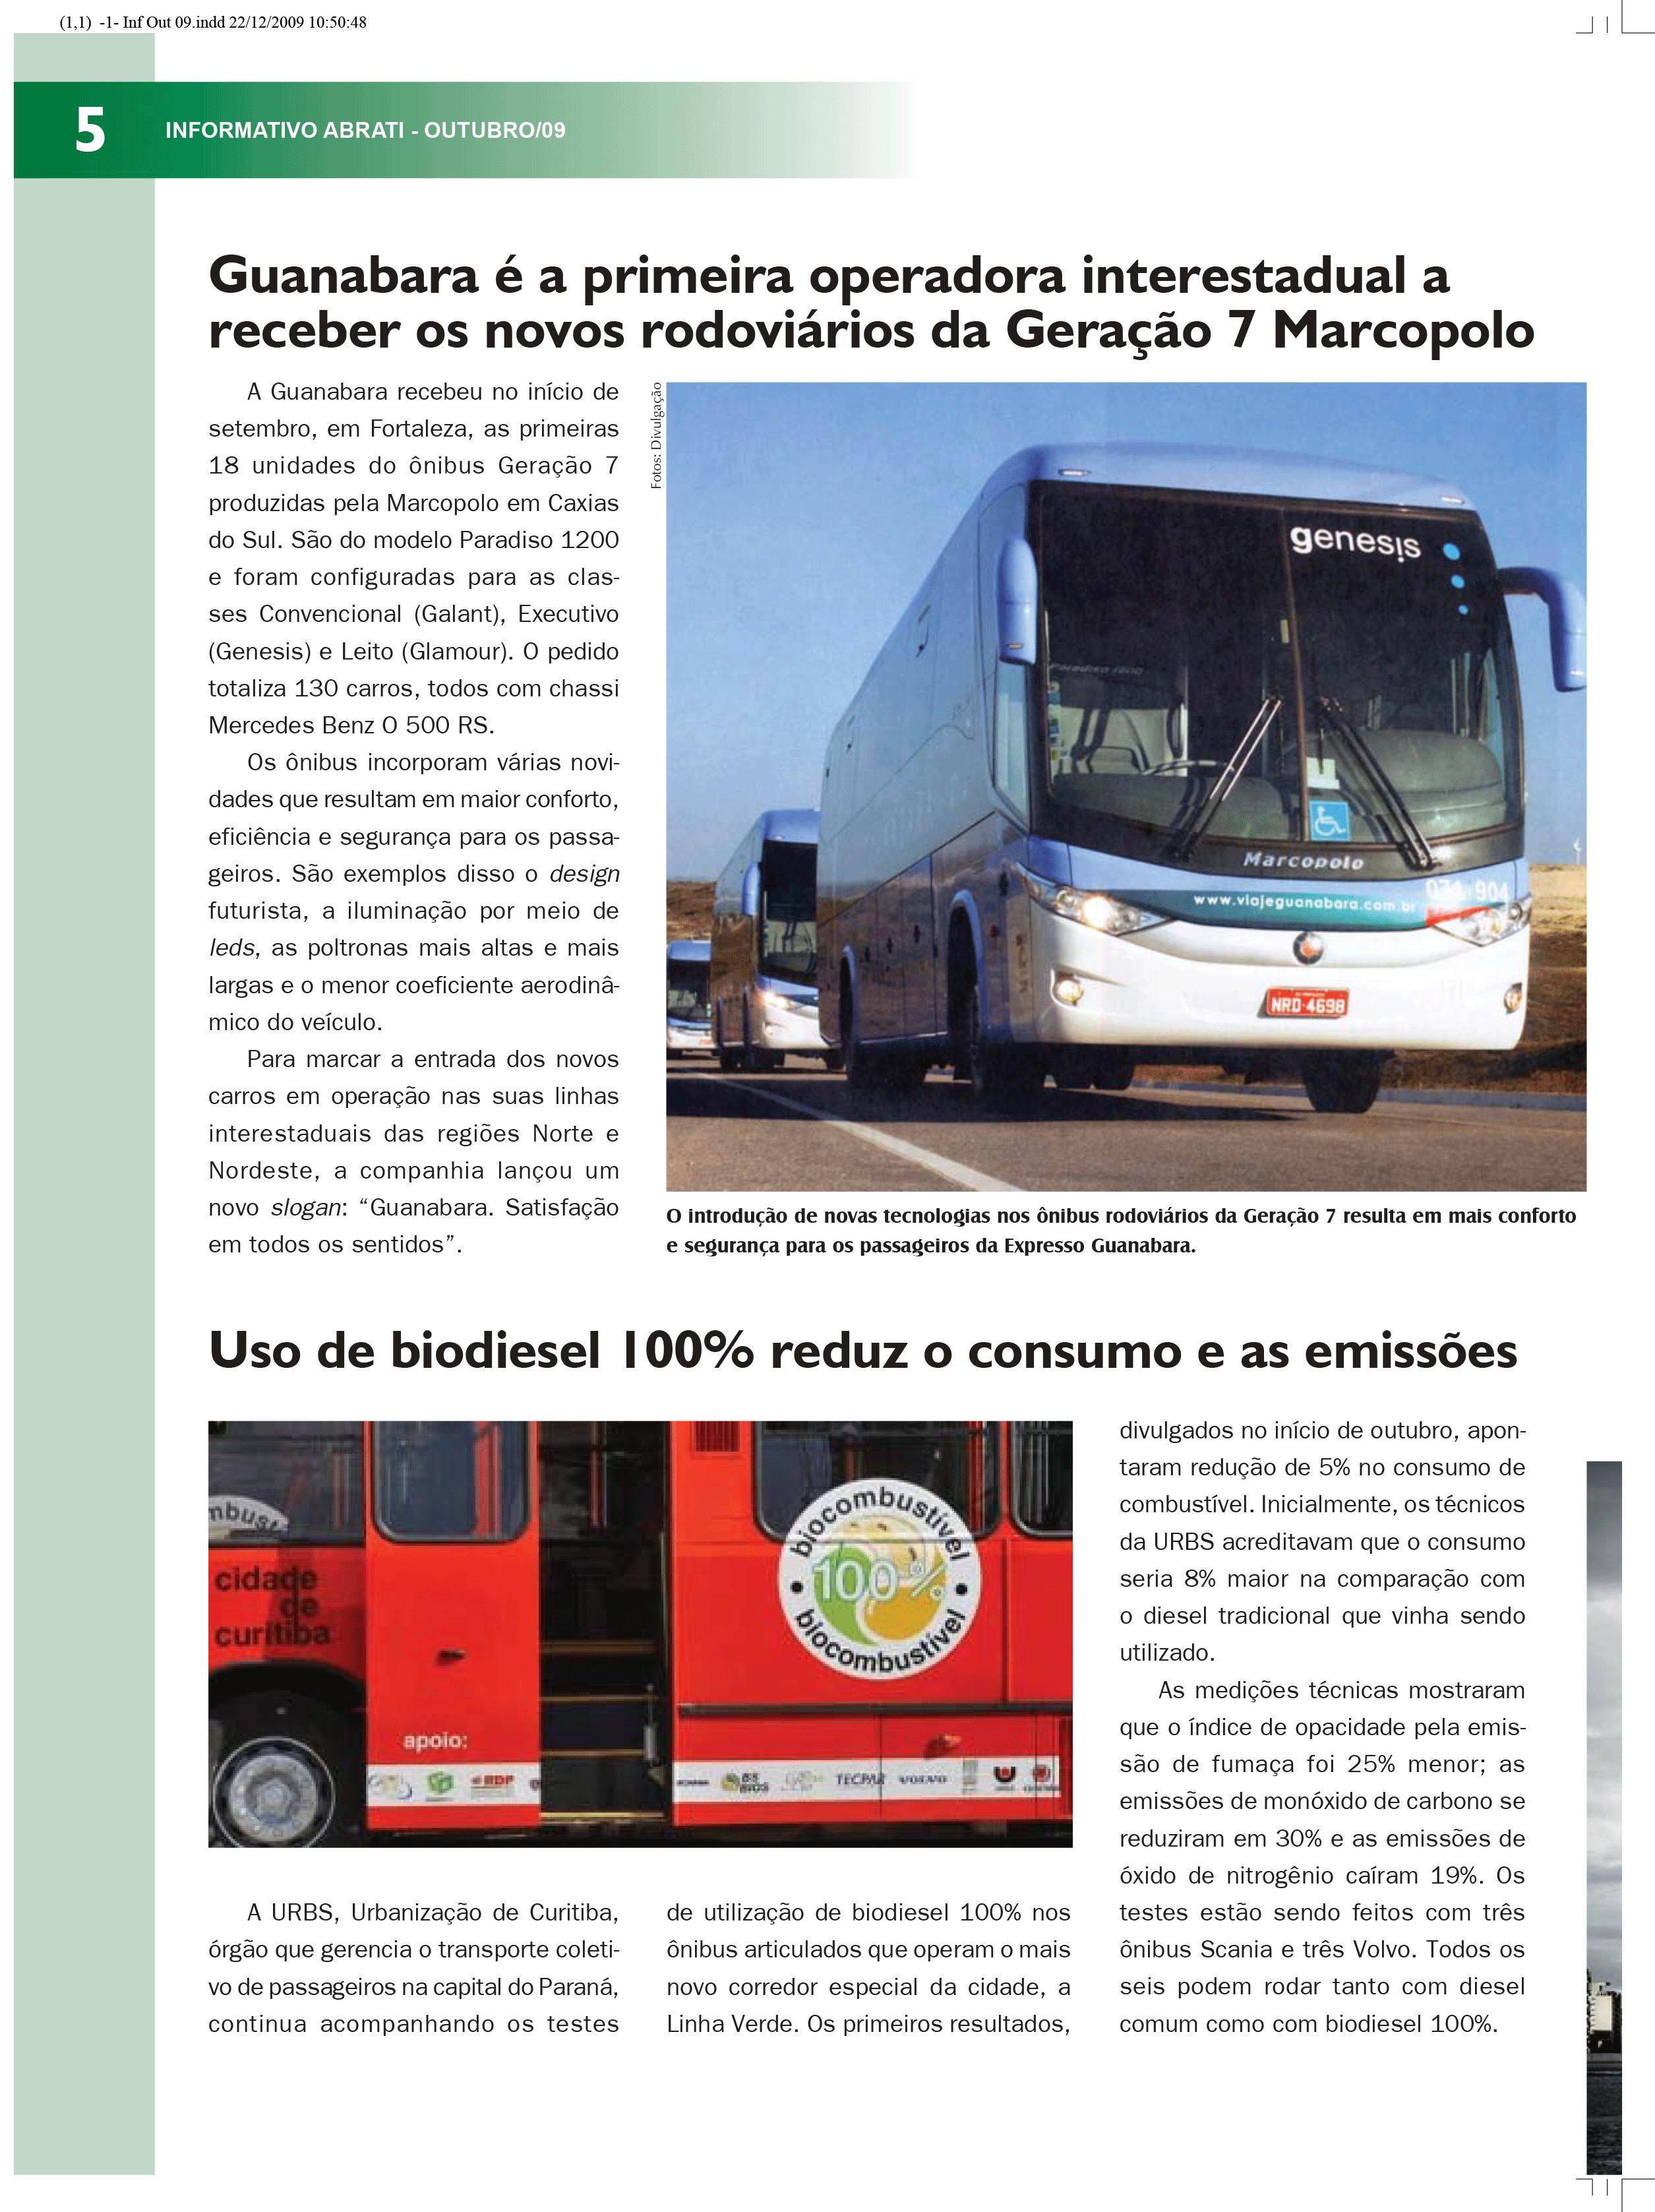 Informativo Outubro 2009